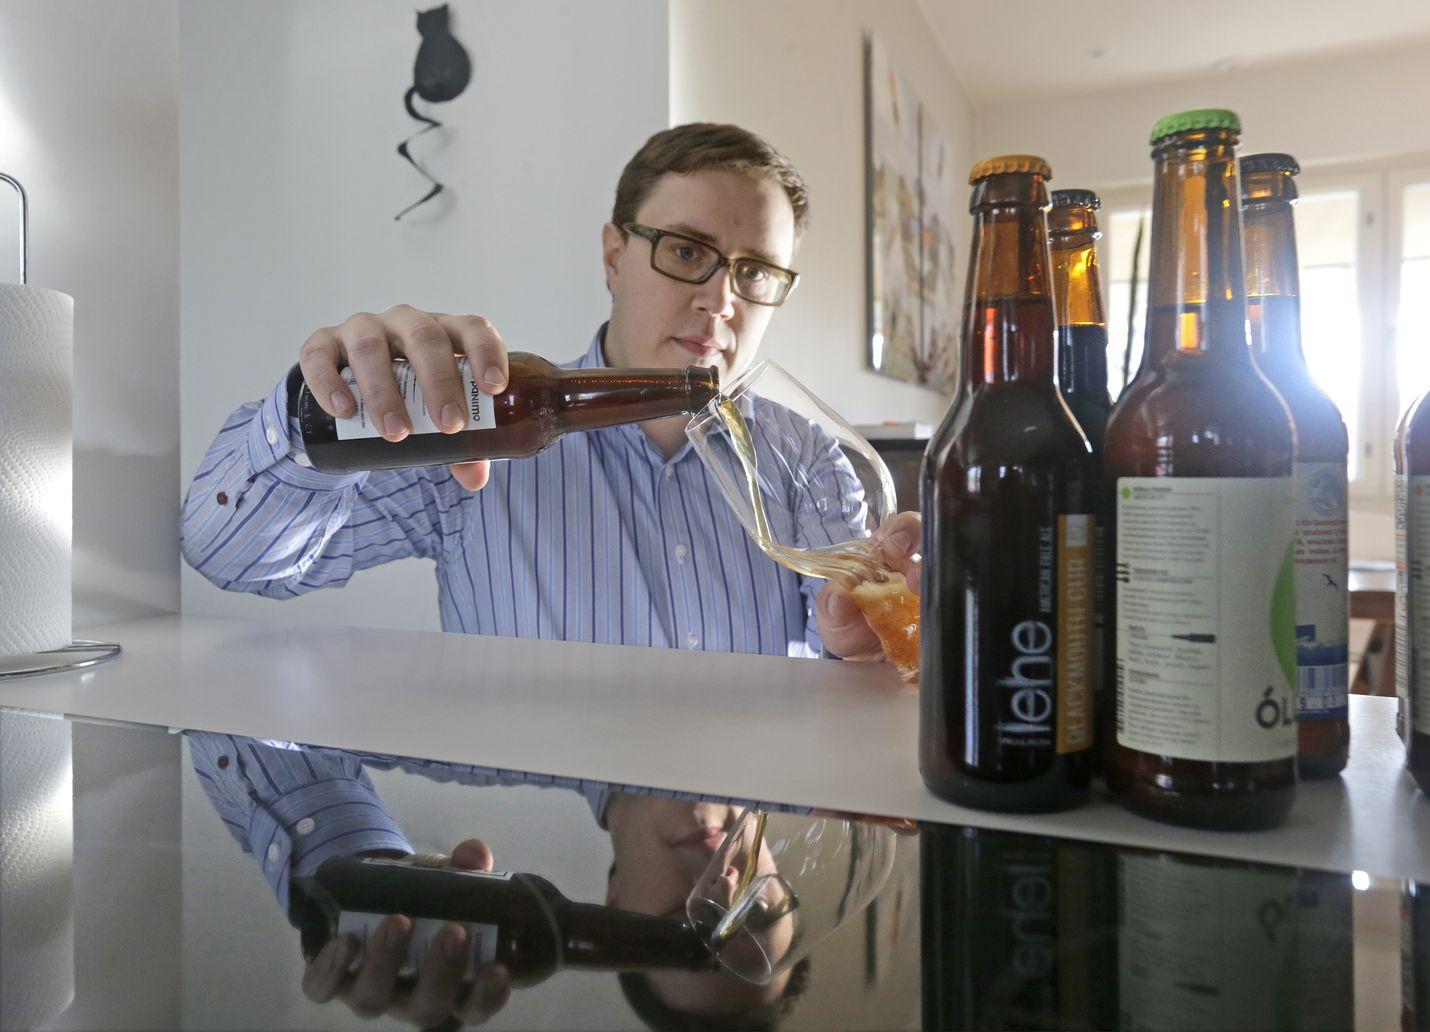 Olutkriitikko Petteri Pulkkinen on kokenut olutharrastaja, joka on vuosien varrella tilannut oluitaan myös ulkomailta. Nykyisin kuitenkin myös kotimaisista marketeista ja Alkosta löytyy runsaasti valikoimaa.